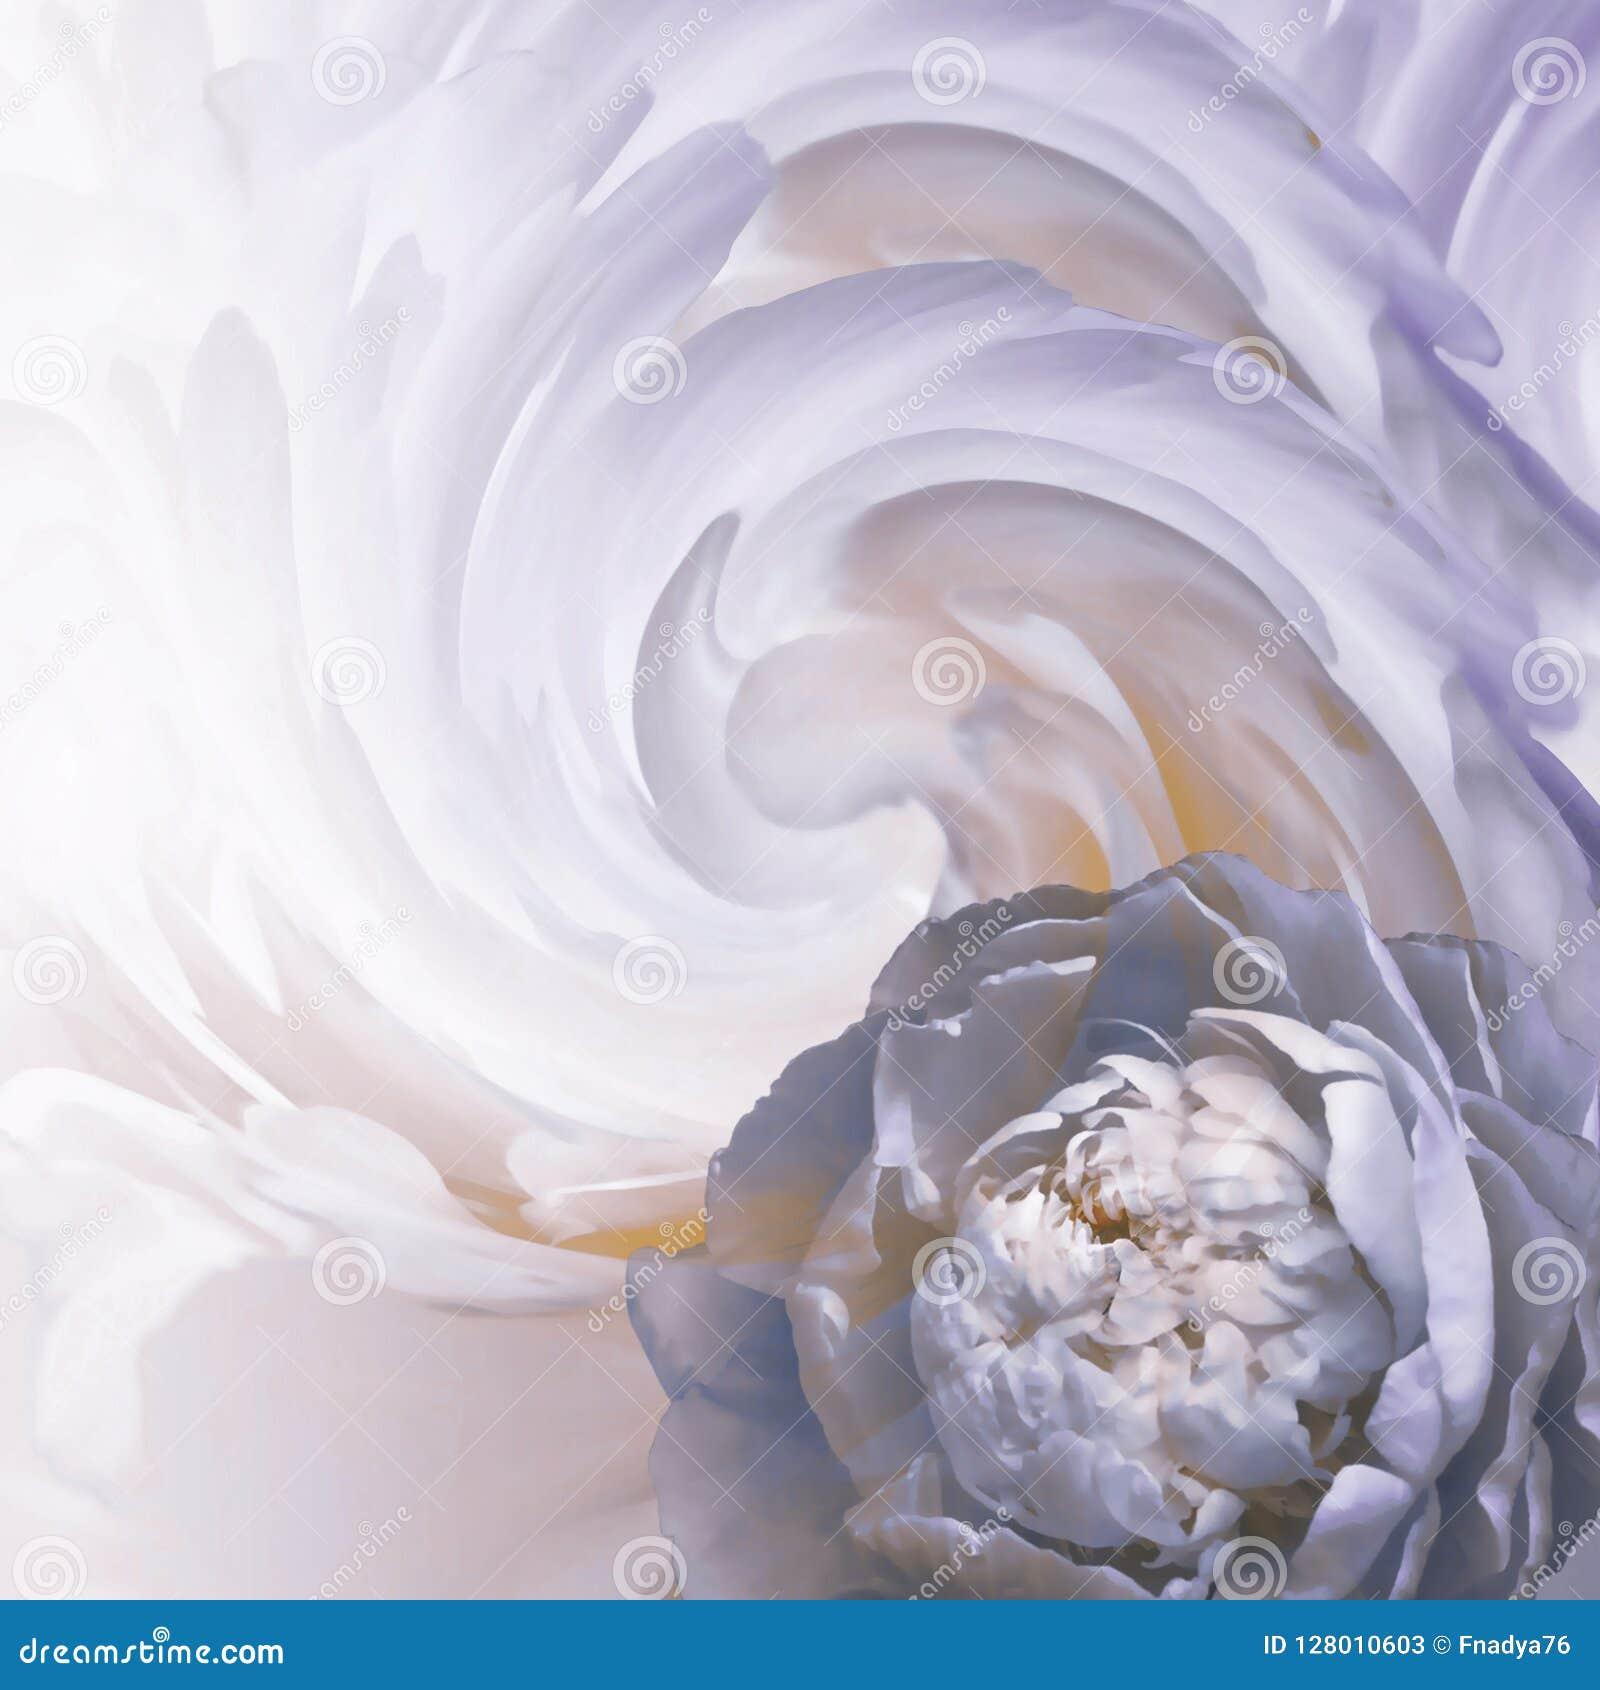 Abstrakt blom- blått-vit-lilor bakgrund En blomma av ett ljus - blå pion på en bakgrund av vridna kronblad greeting lyckligt nytt